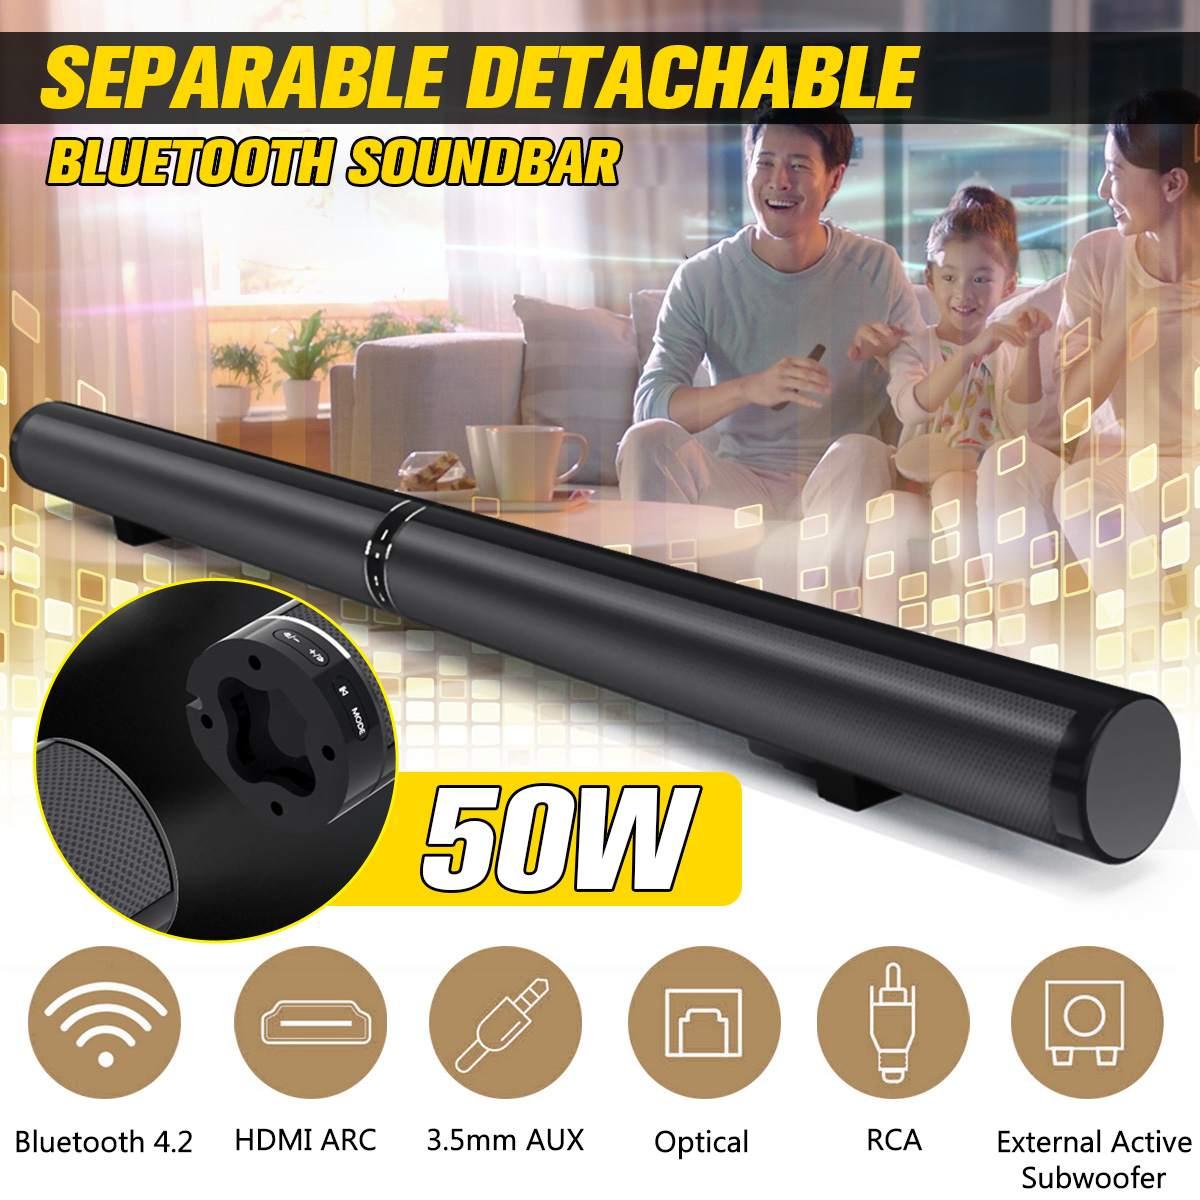 50W détachable sans fil bluetooth haut-parleur barre de son 3D stéréo Support RCA AUX HDMI Home cinéma ordinateur/PC mur basse Subwoofer